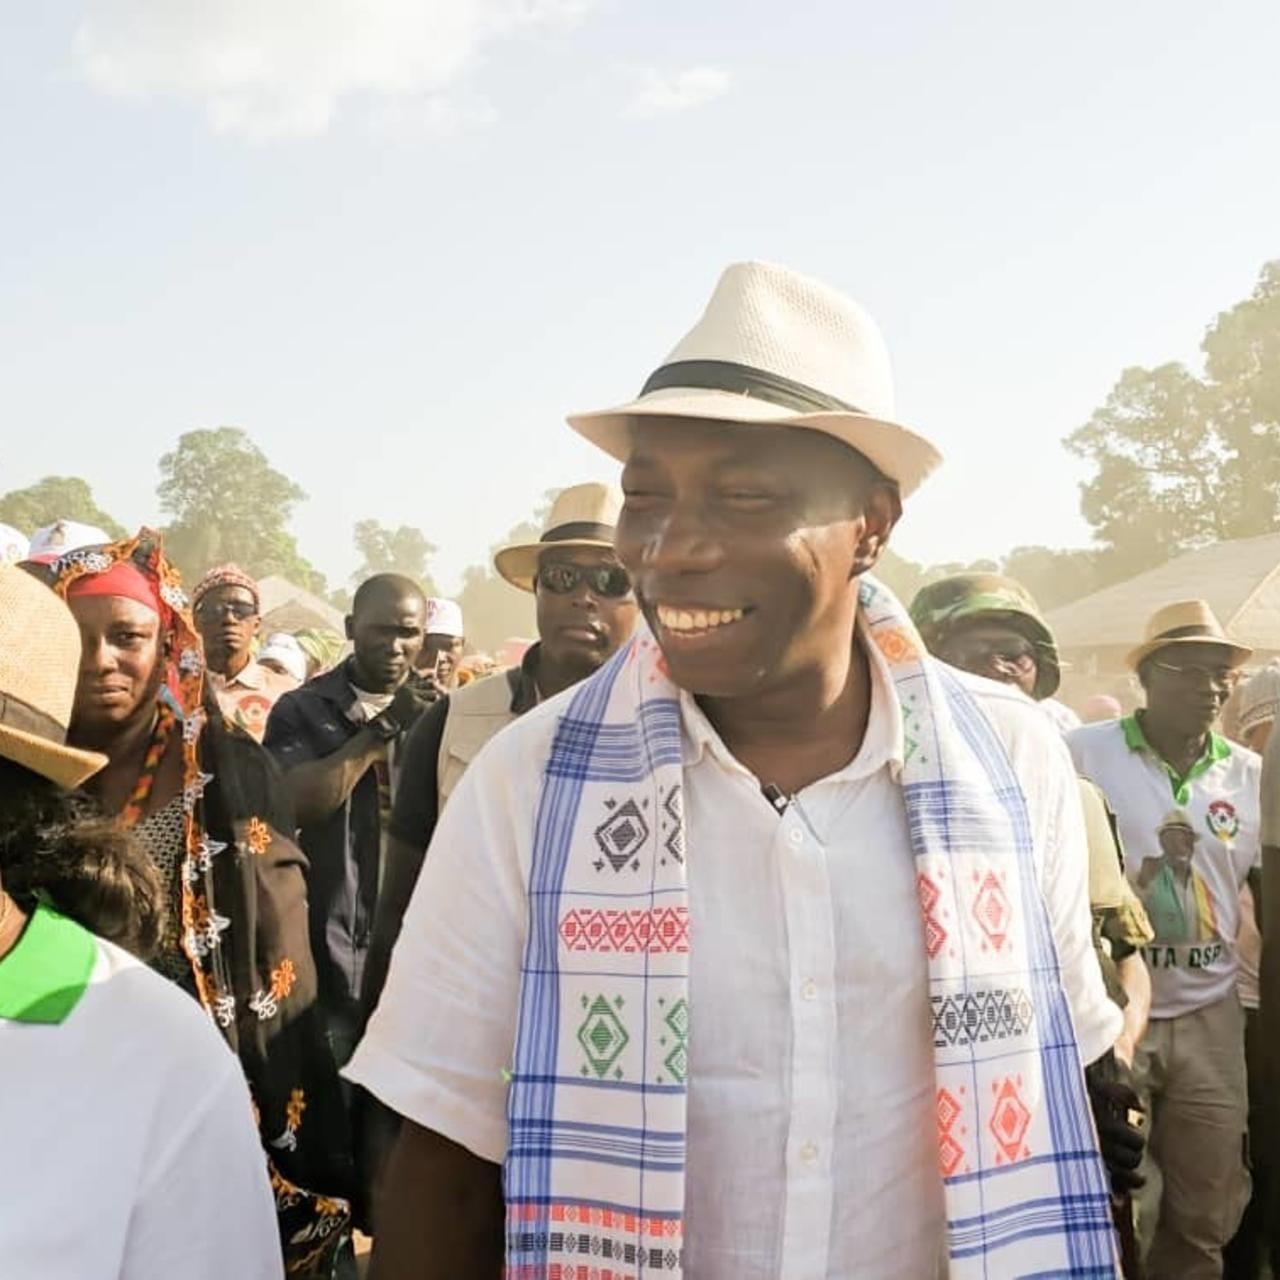 Bissau : Un juge désavoue le Procureur général et autorise l'opposant, Domingos Simões Pereira de voyager